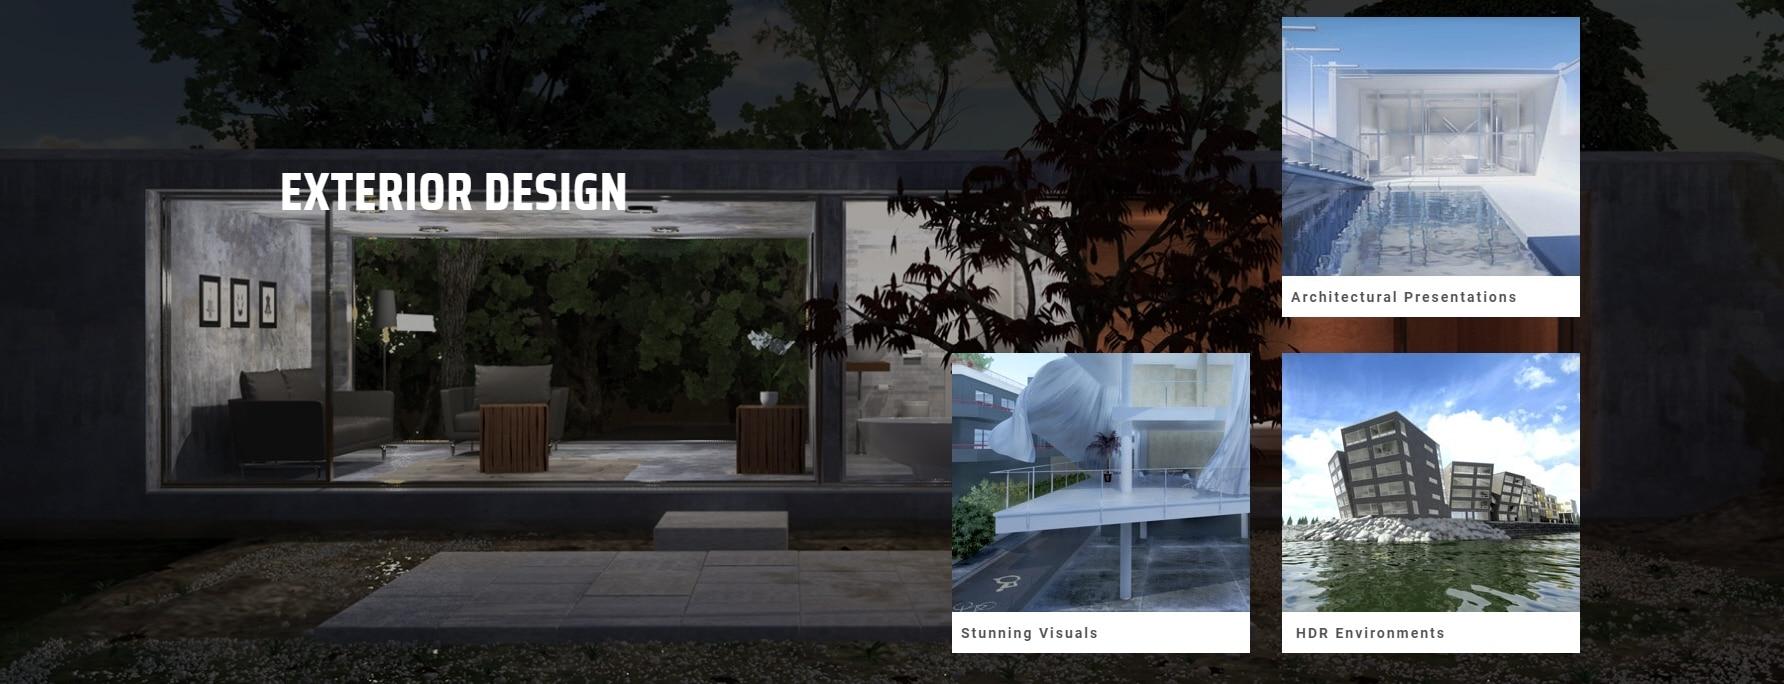 الإظهار المعماري عرض المشاريع المعمارية باستخدام الماكس - 3ds Max